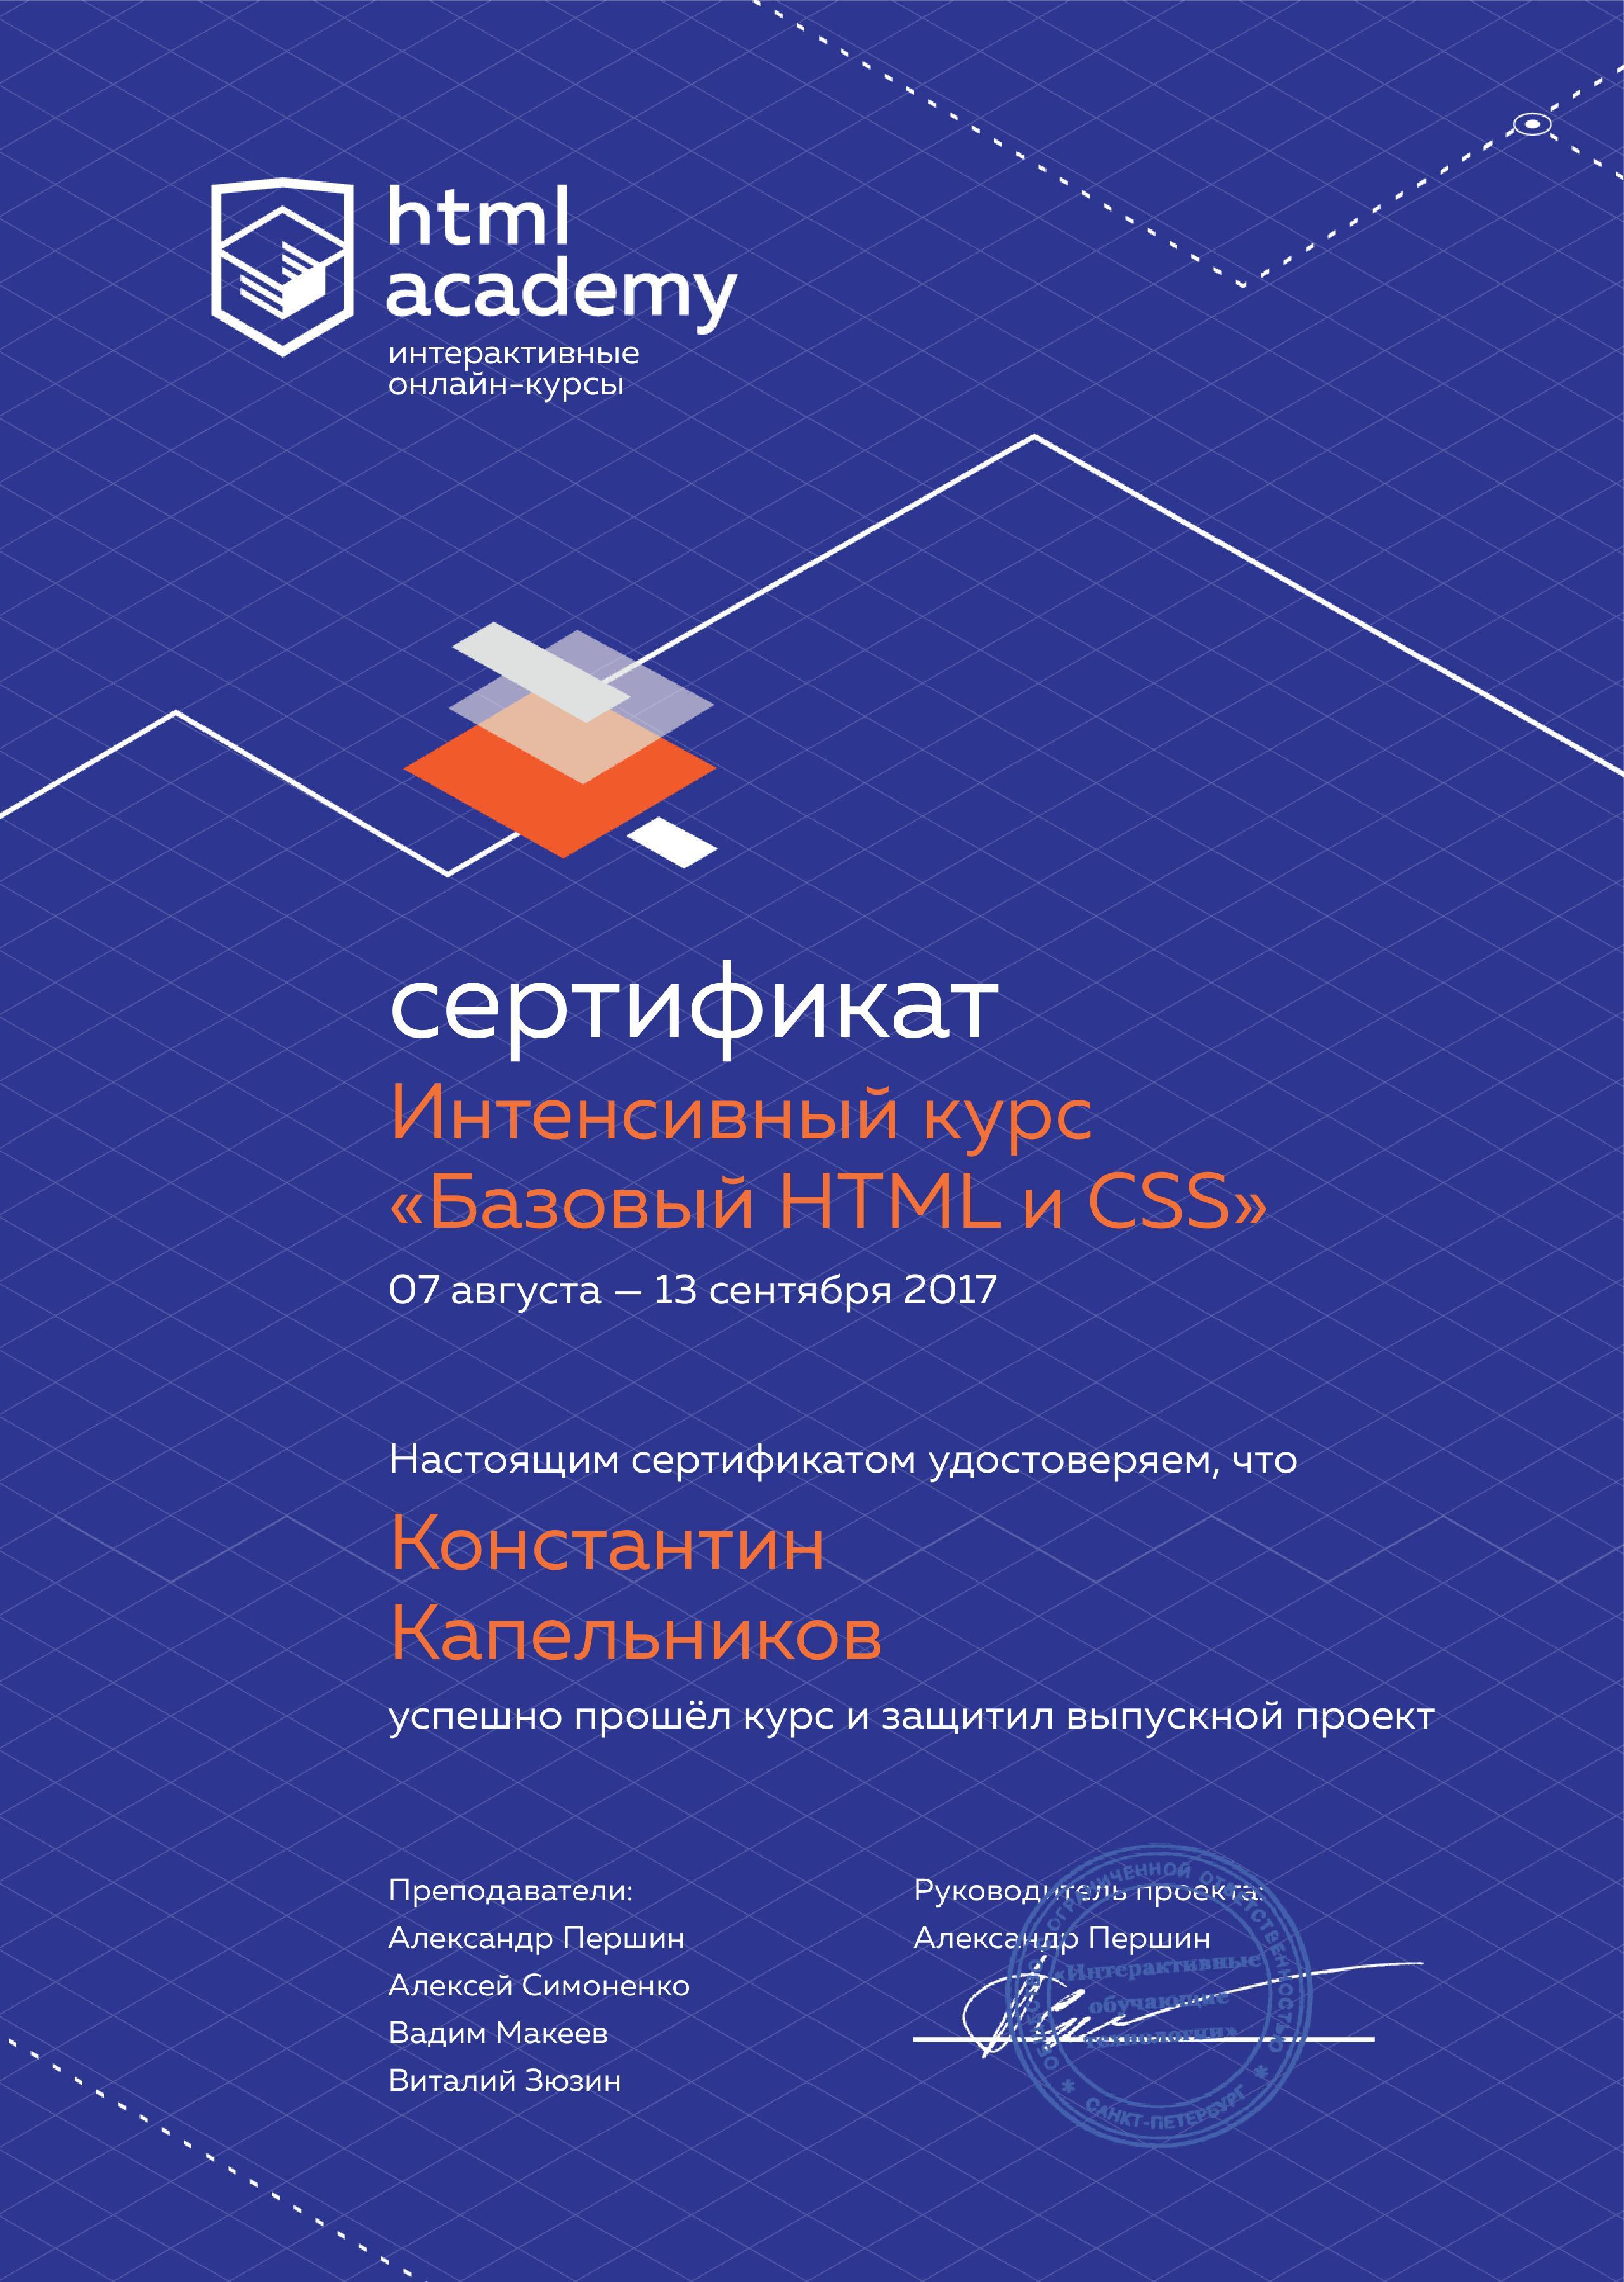 Сертификат Базовый HTML и CSS